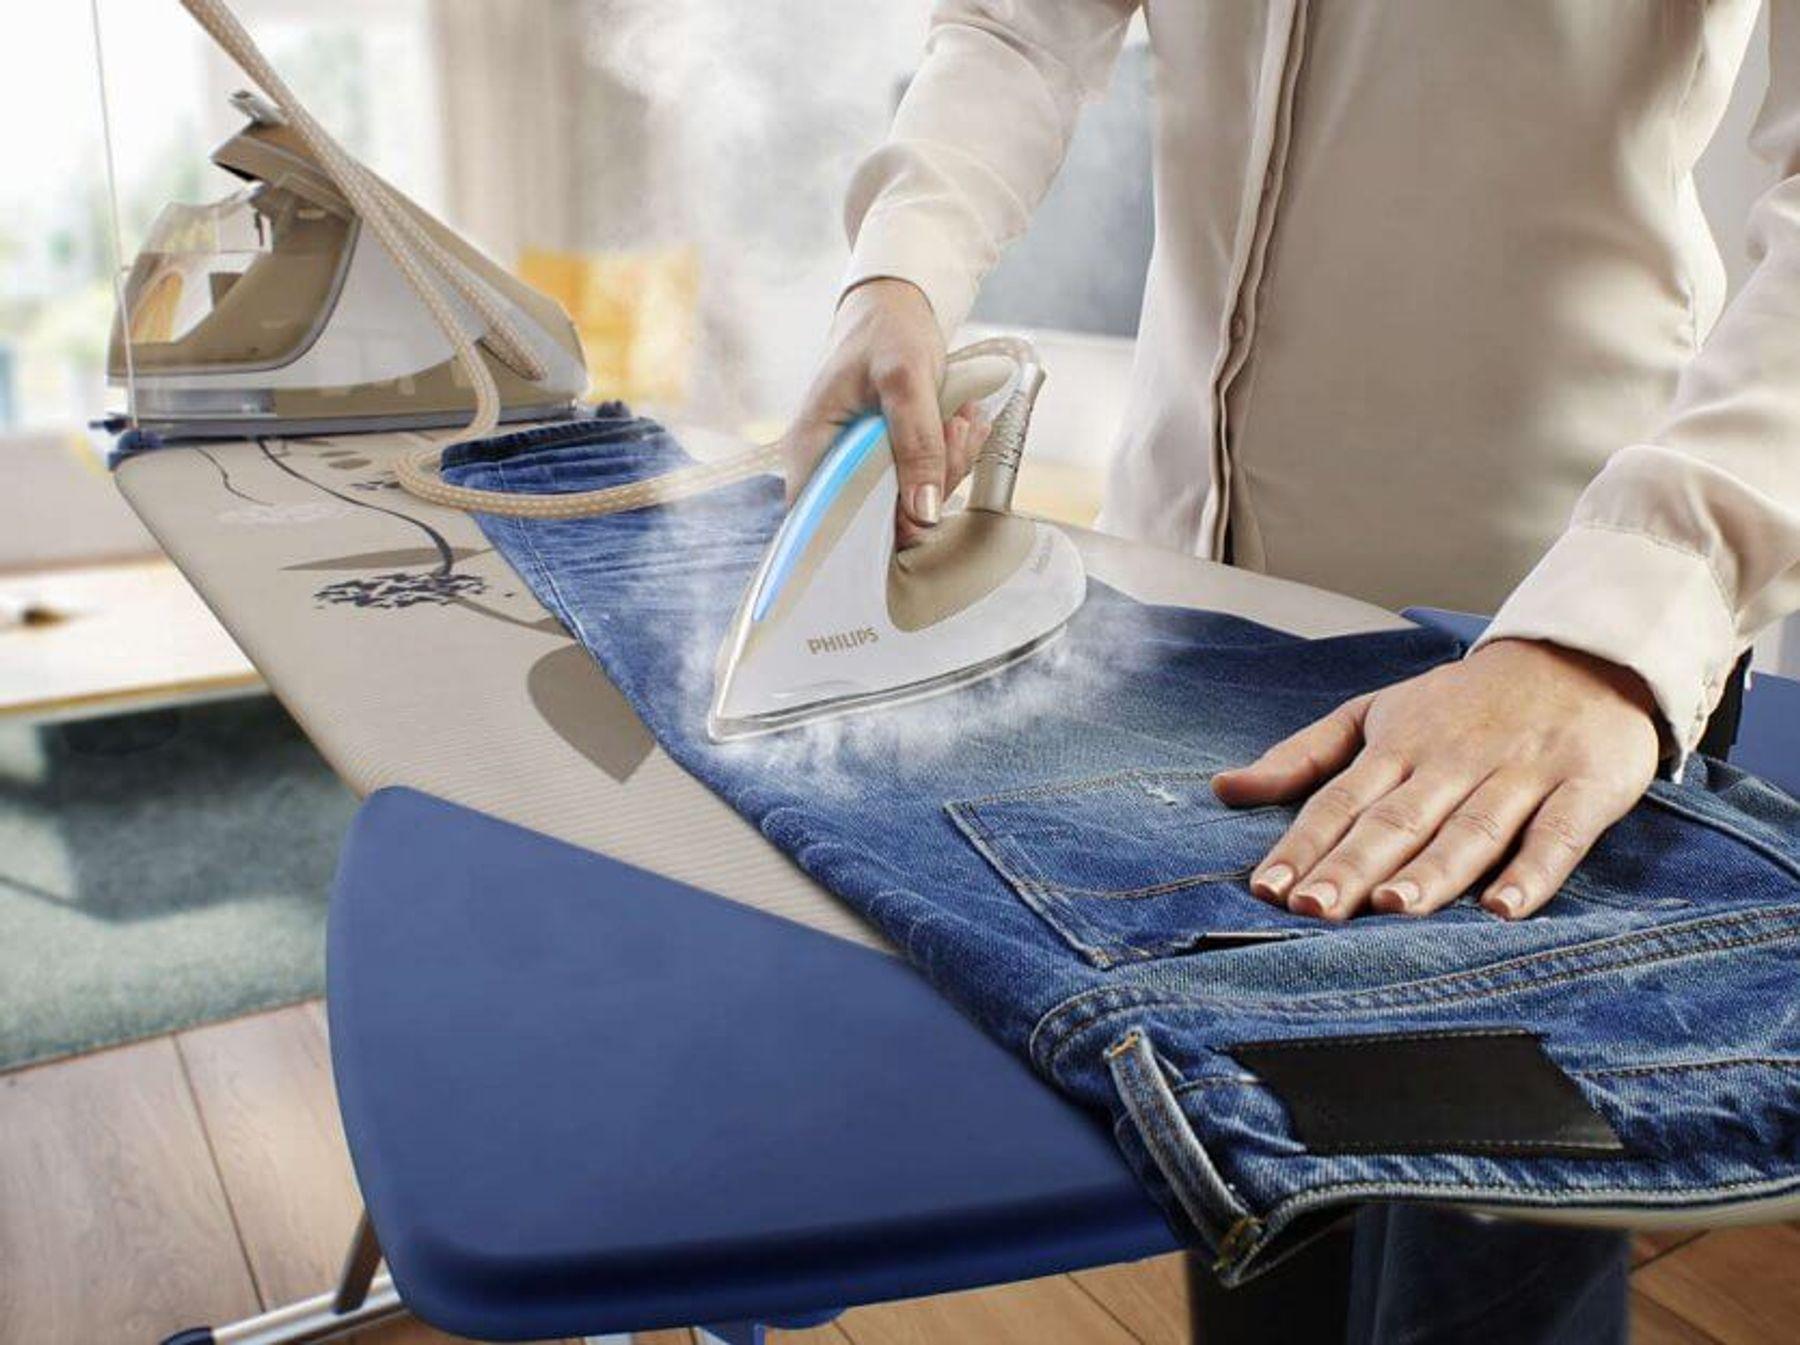 Sấy ủi quần jean ở nhiệt độ thấp